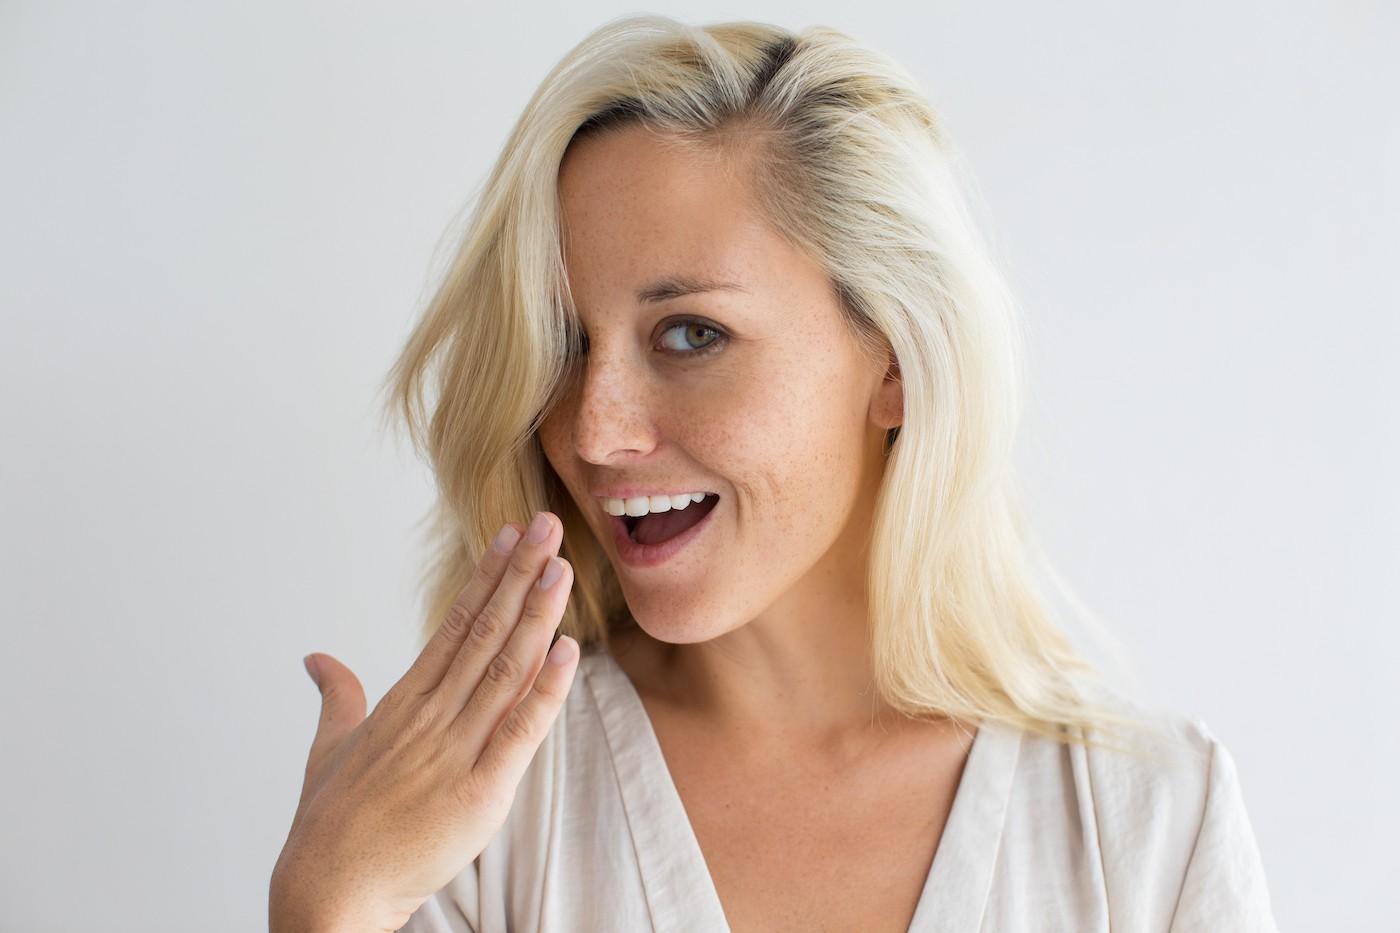 Mujer que ofrece sus bragas usadas siendo traviesa